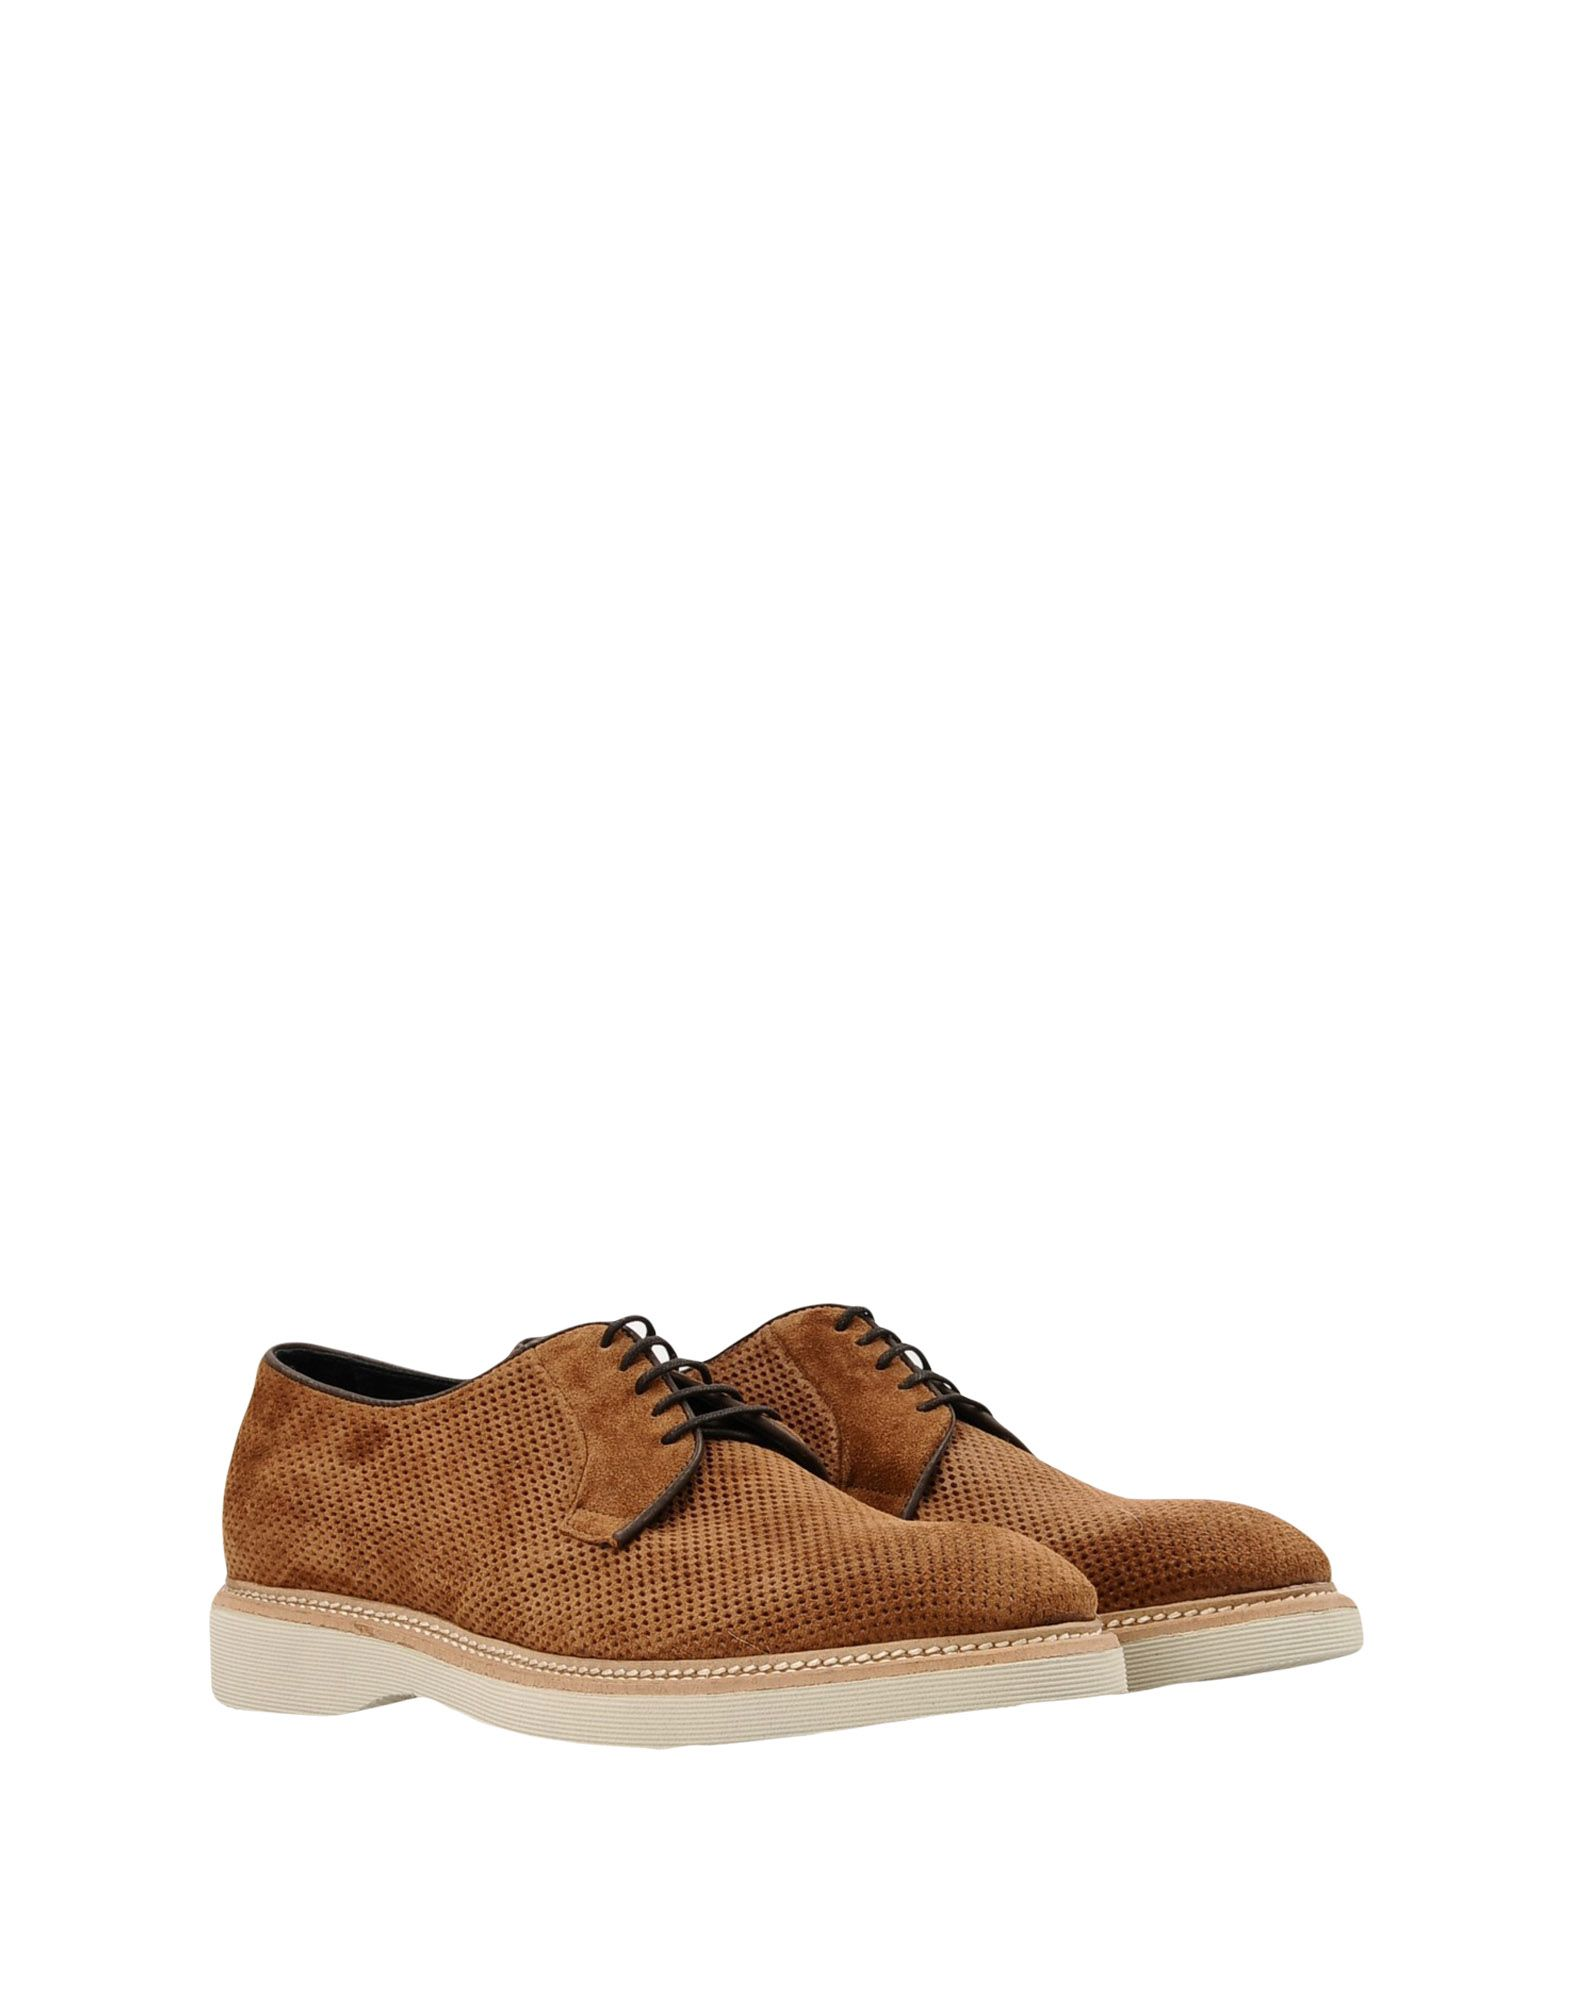 Rabatt echte  Schuhe Eveet Cam.Sand Corn  echte 11425315HN daac6a